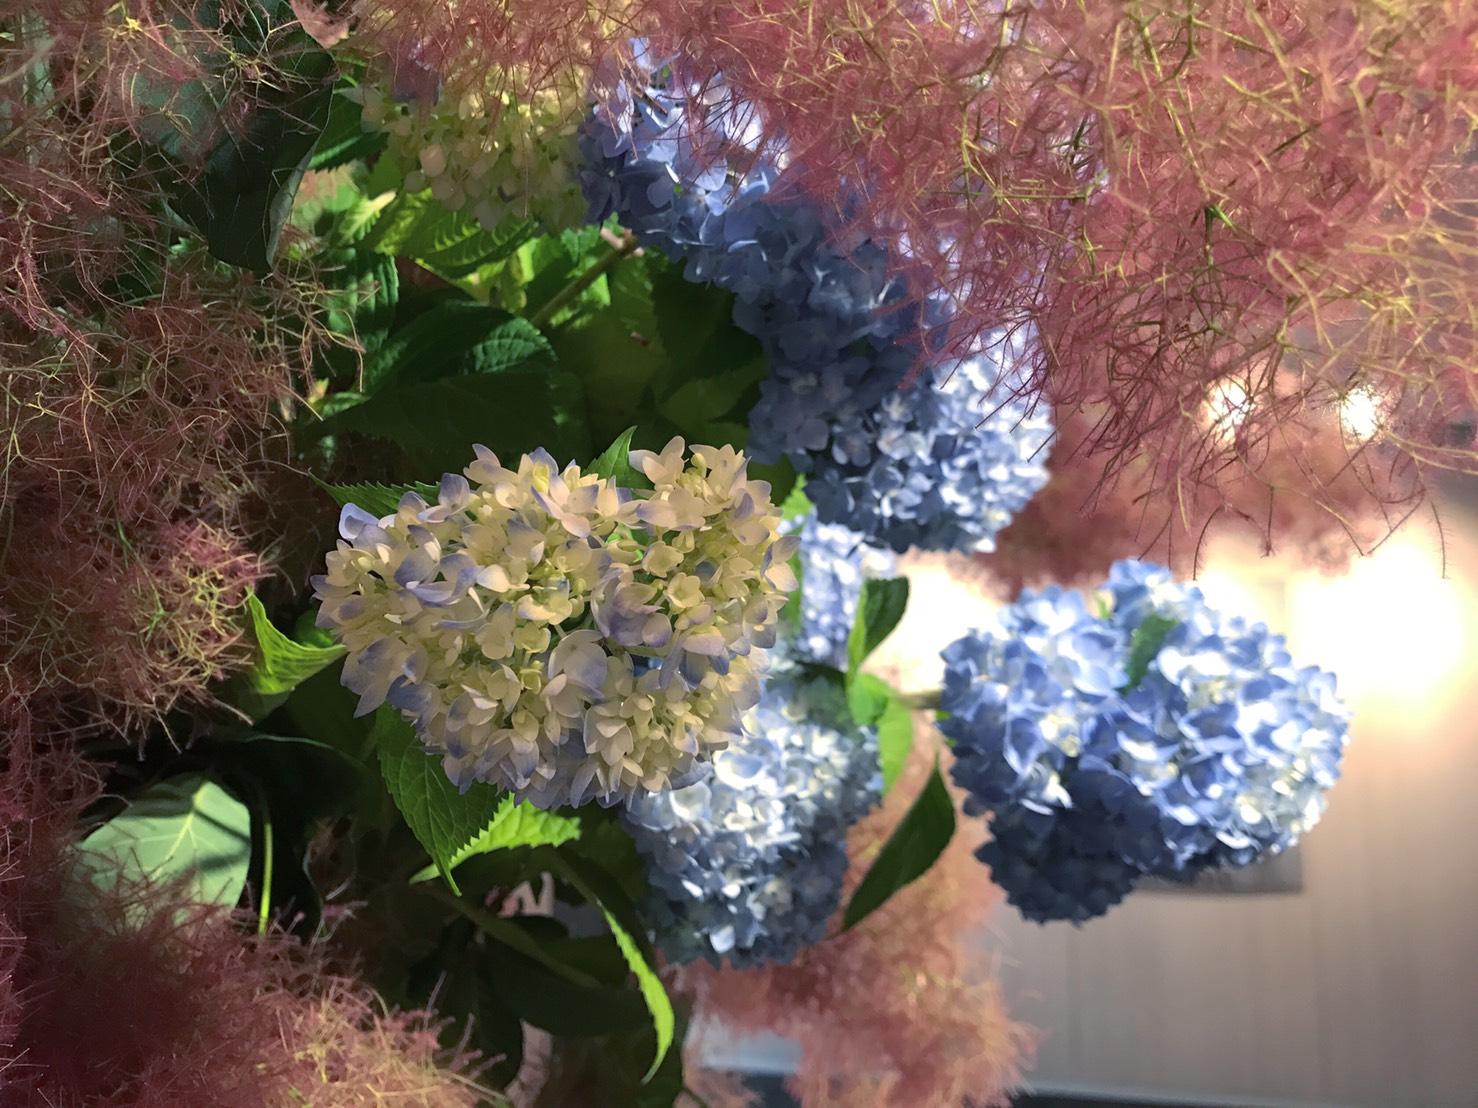 【レッスン情報】紫陽花とスモークツリーのリースレッスンのお知らせ